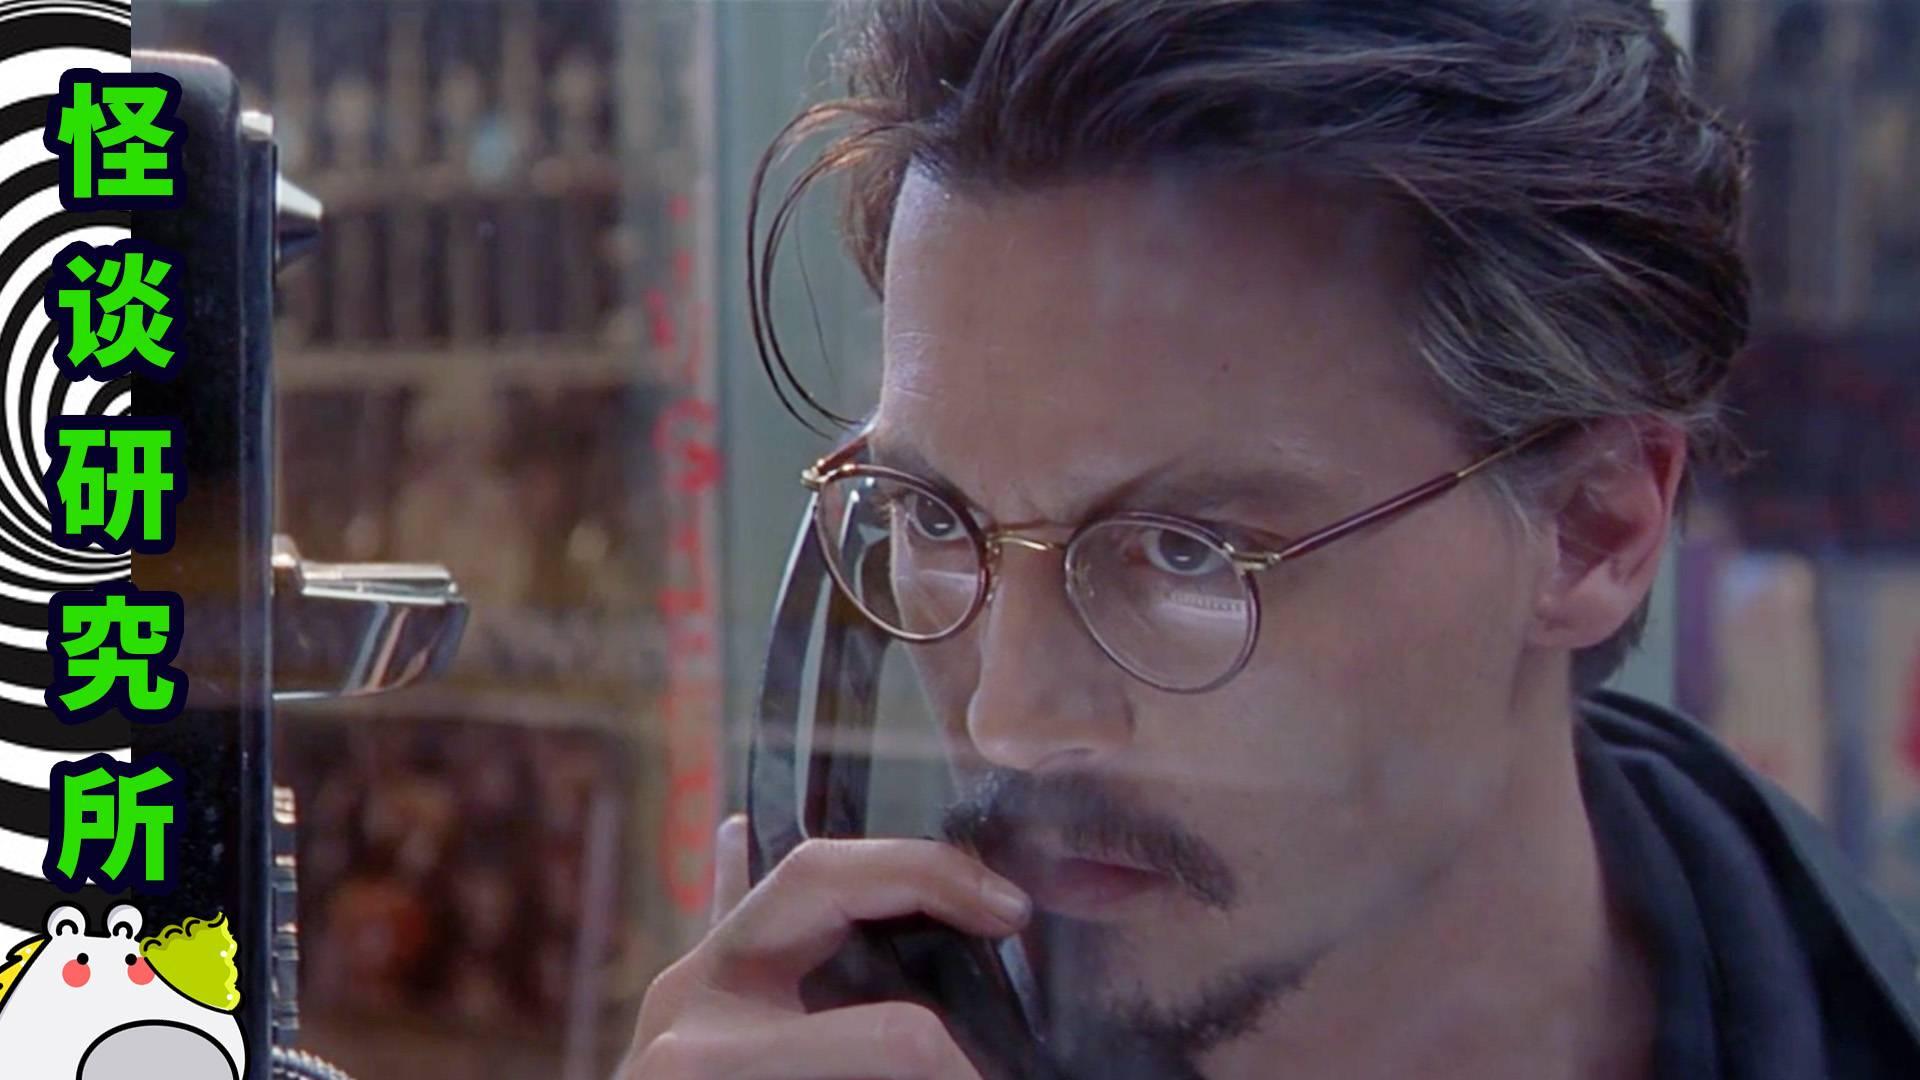 深度解析《第九道门》:德普最被低估的神秘学大片,现在终于看懂了